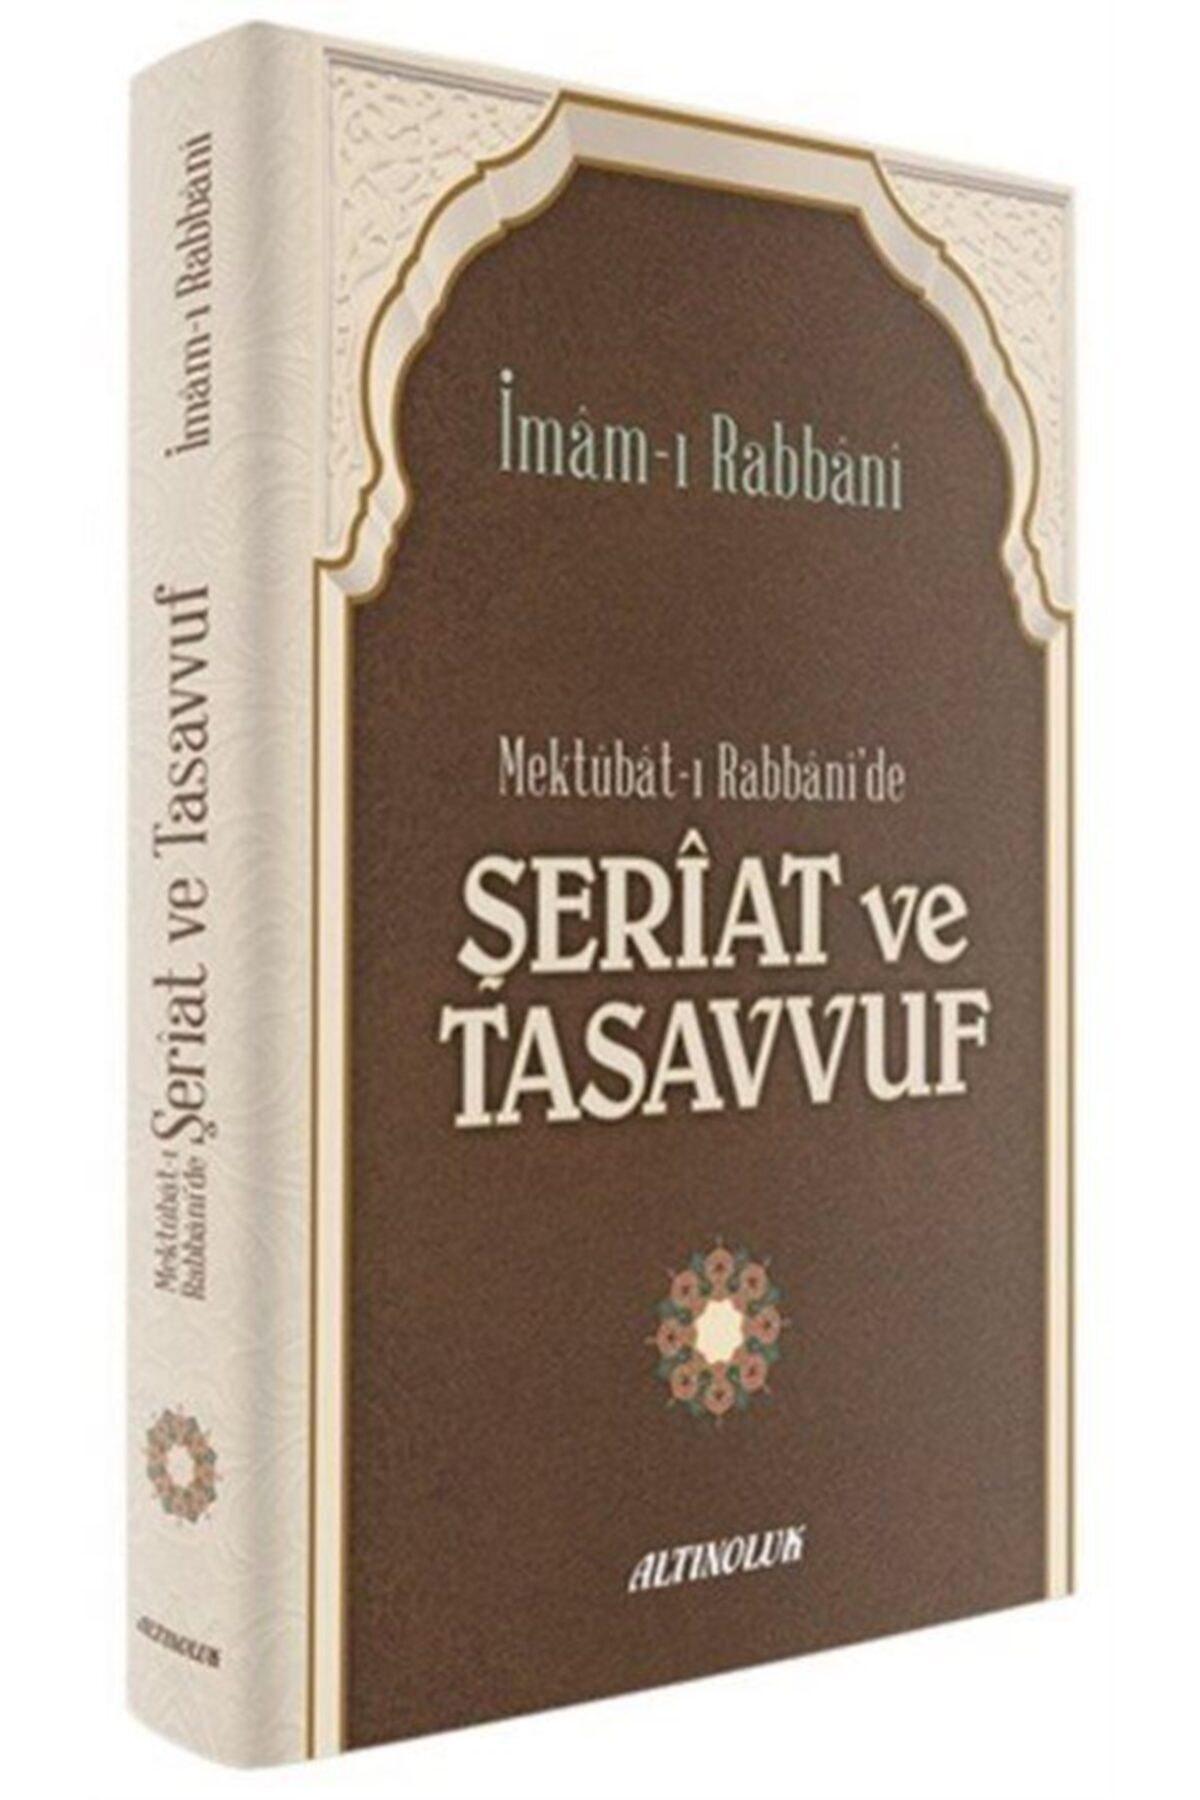 Altınoluk Yayınları Mektubat-ı Rabbani'de Şeriat Ve Tasavvuf 1